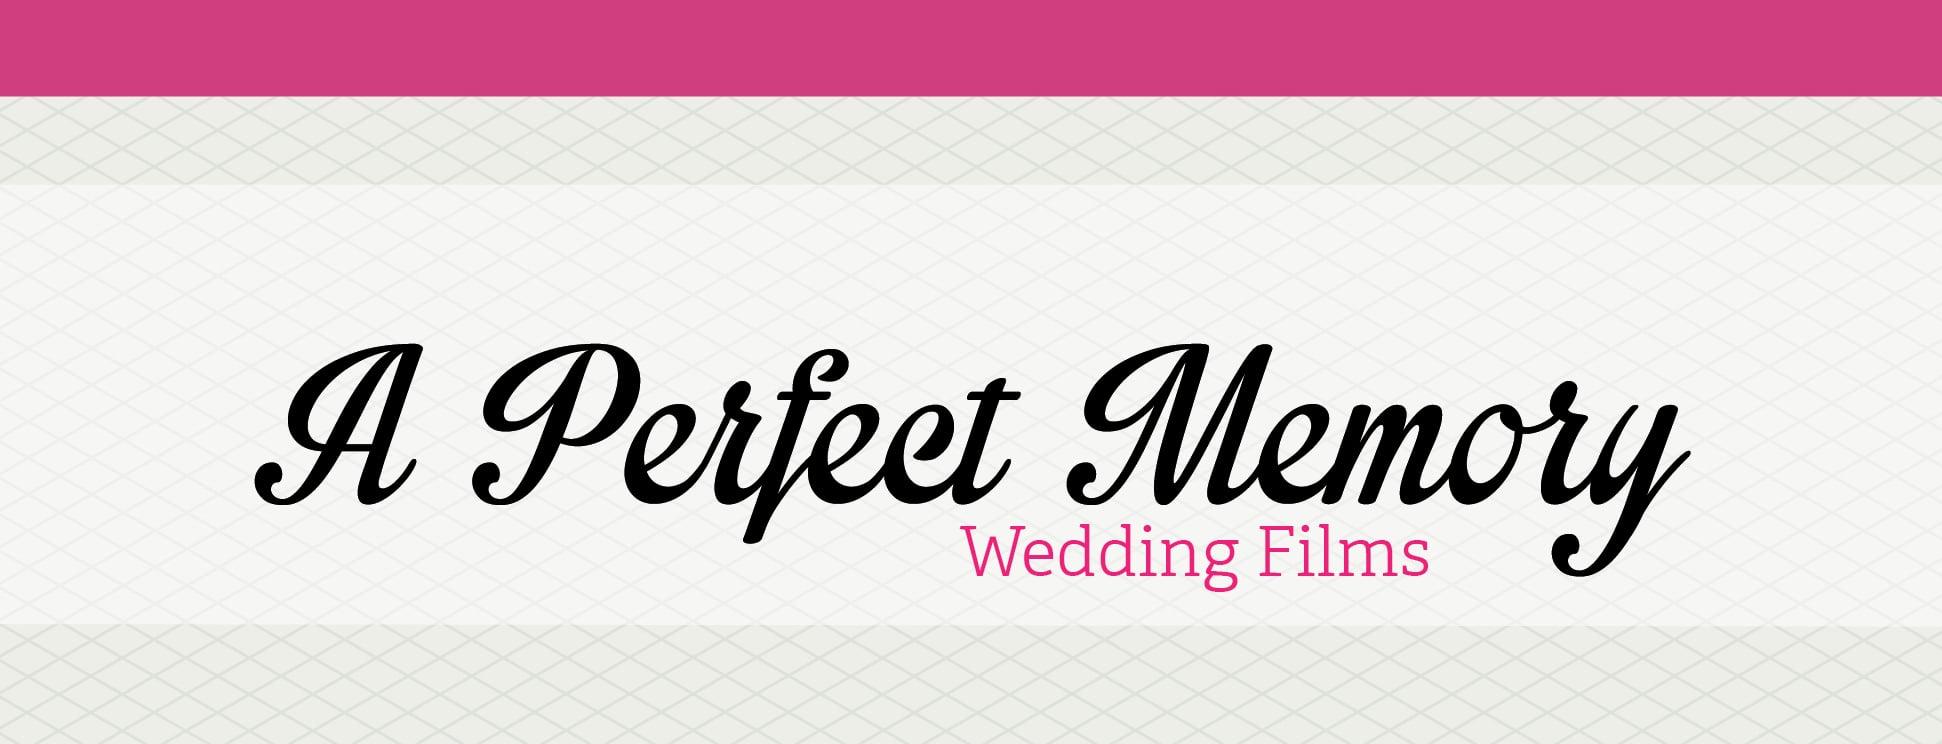 A Sample Wedding Film